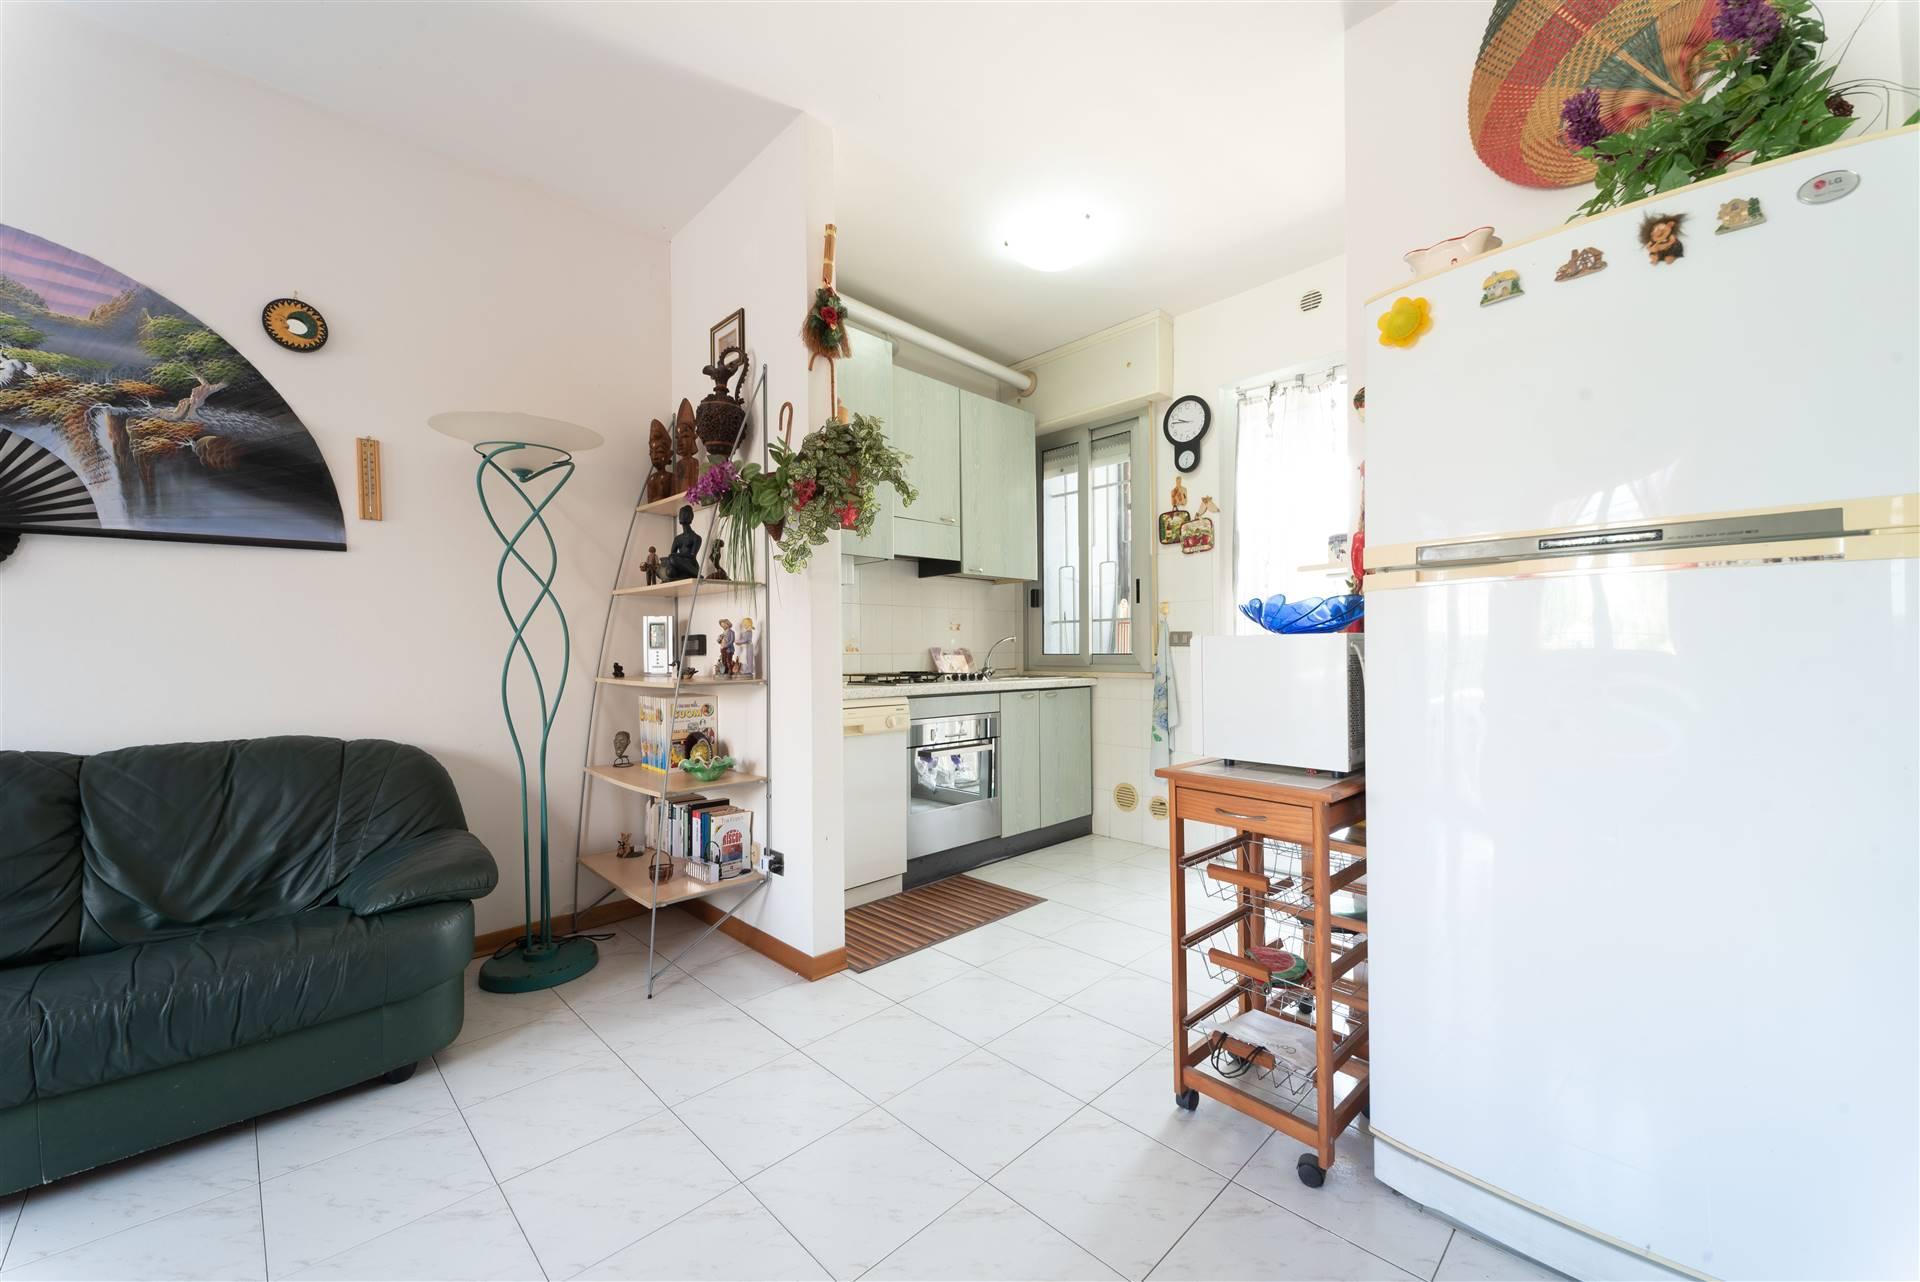 soggiorno e angolo cucina